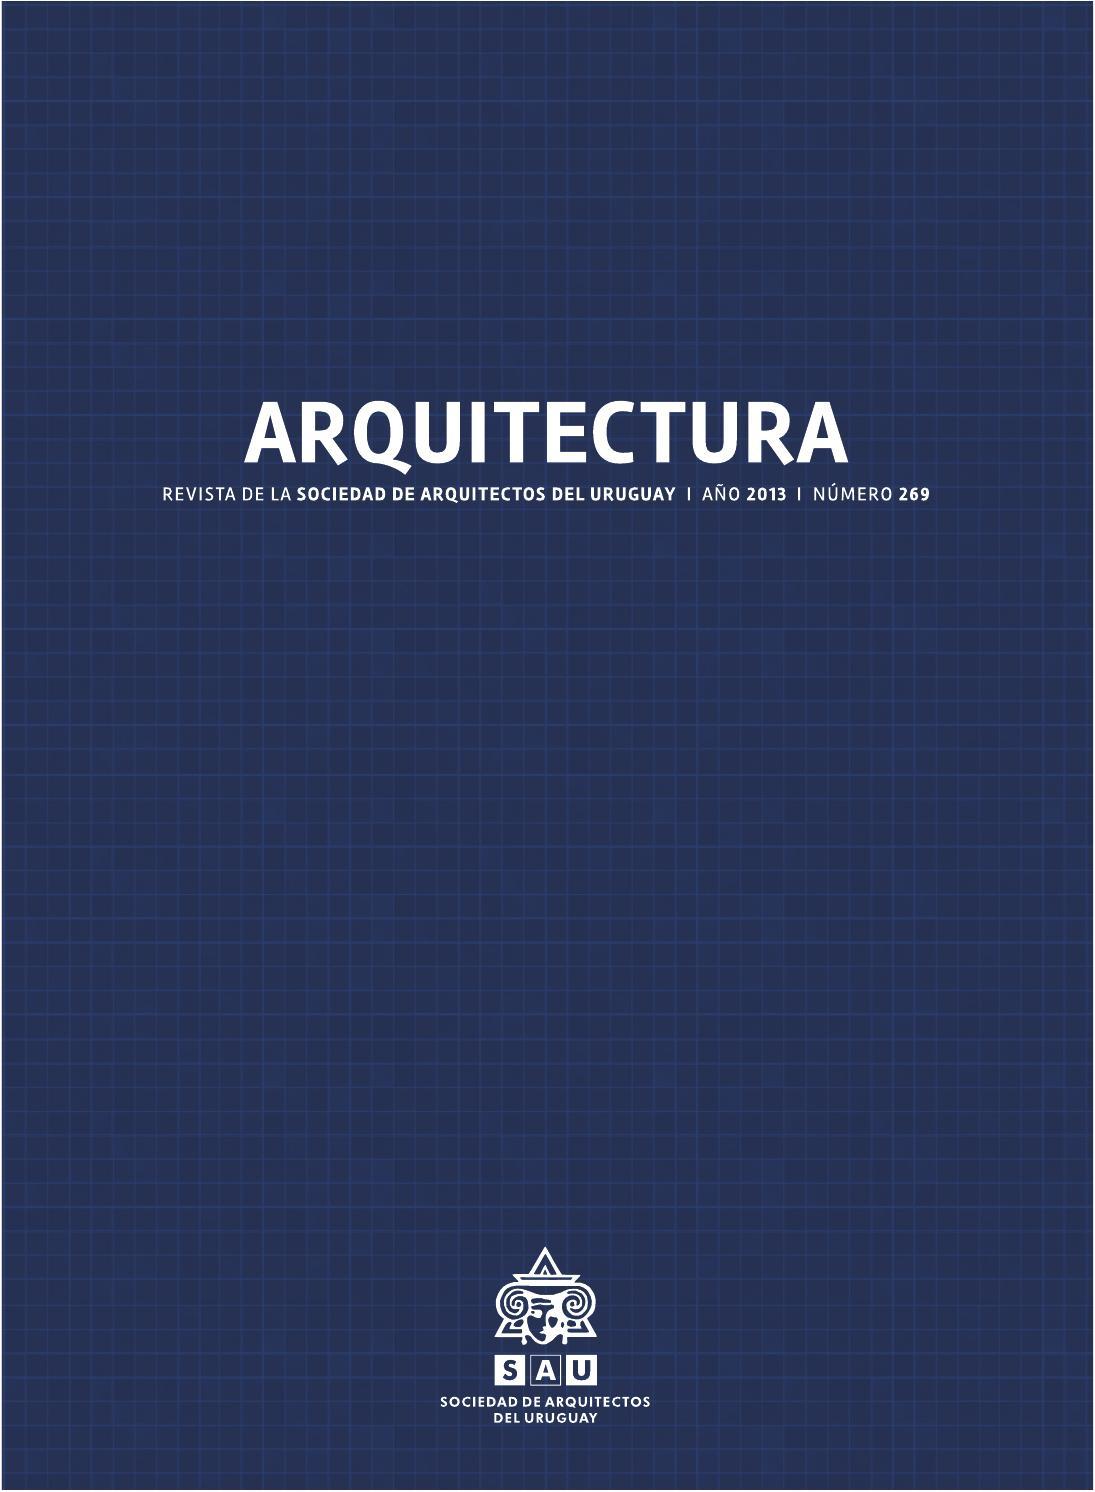 Arquitectura 269 2013 by sociedad de arquitectos del uruguay sau issuu - Sociedad de arquitectos ...